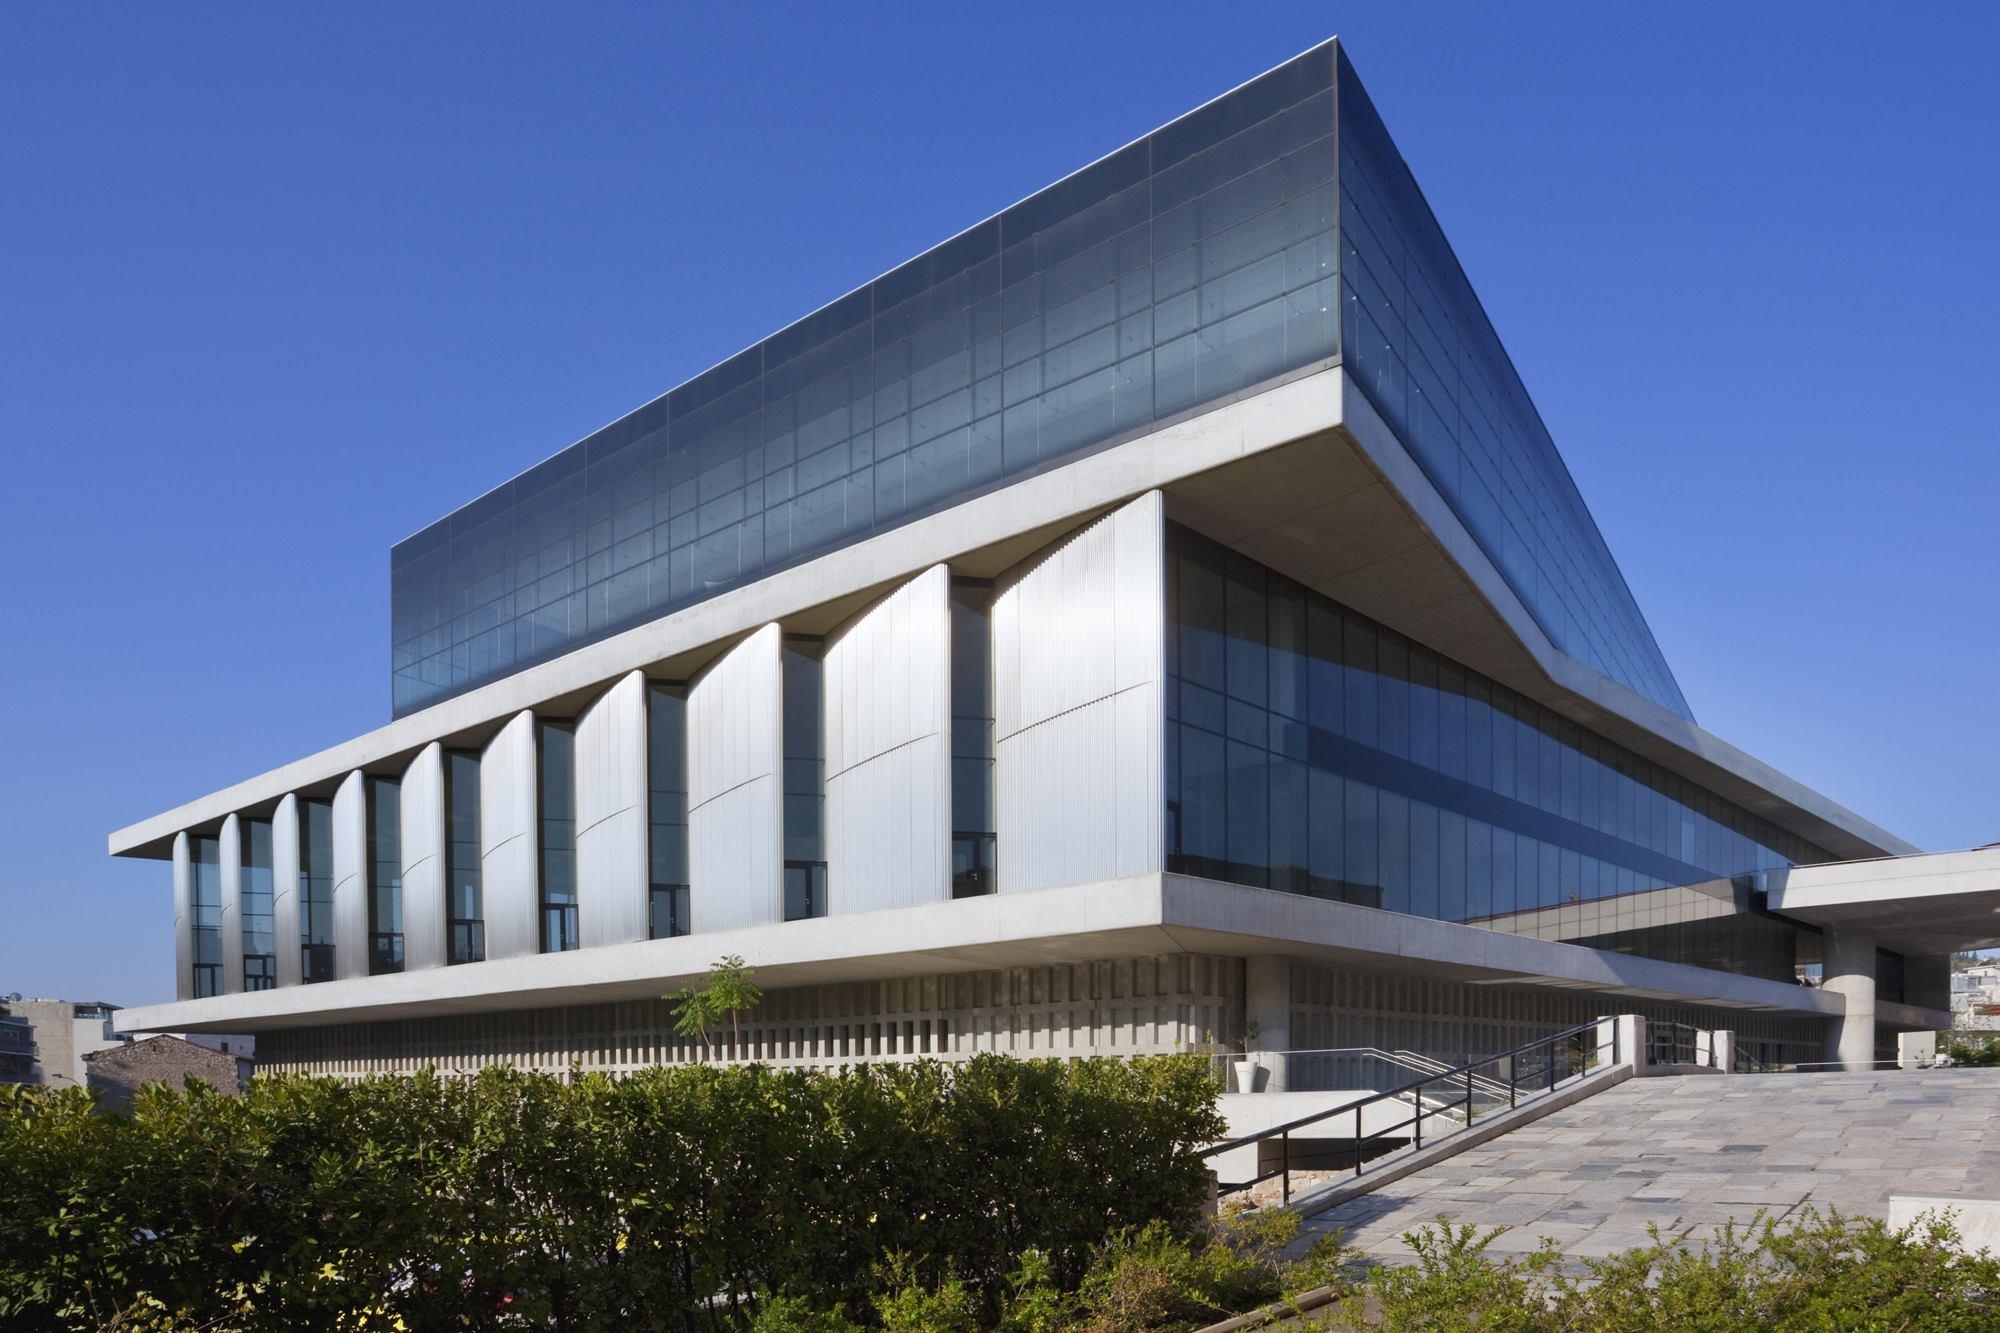 موزه جدید آکروپلیس